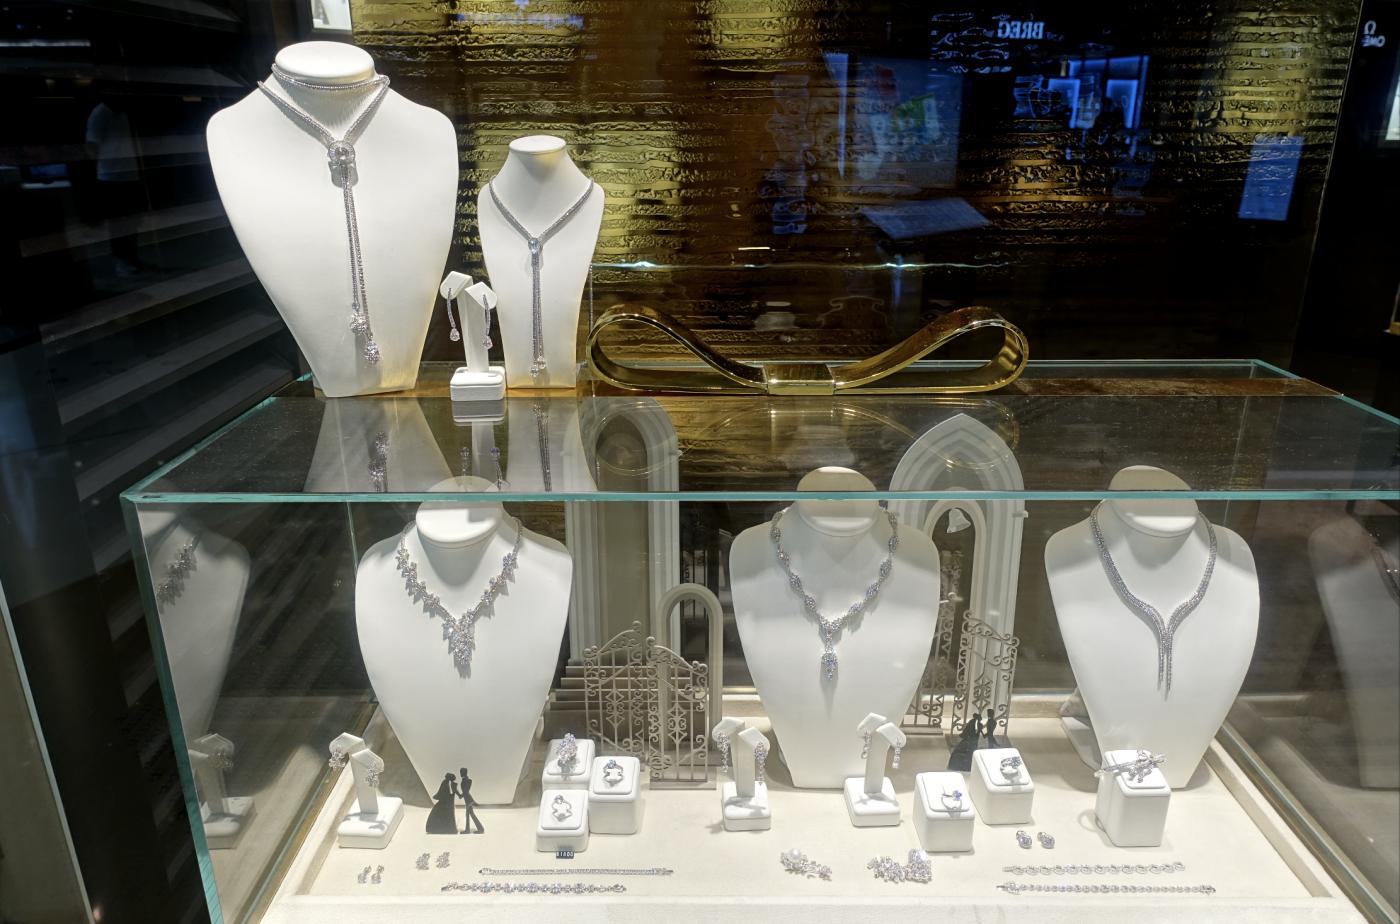 香港印象:高度商业化、整洁、有序_图1-11